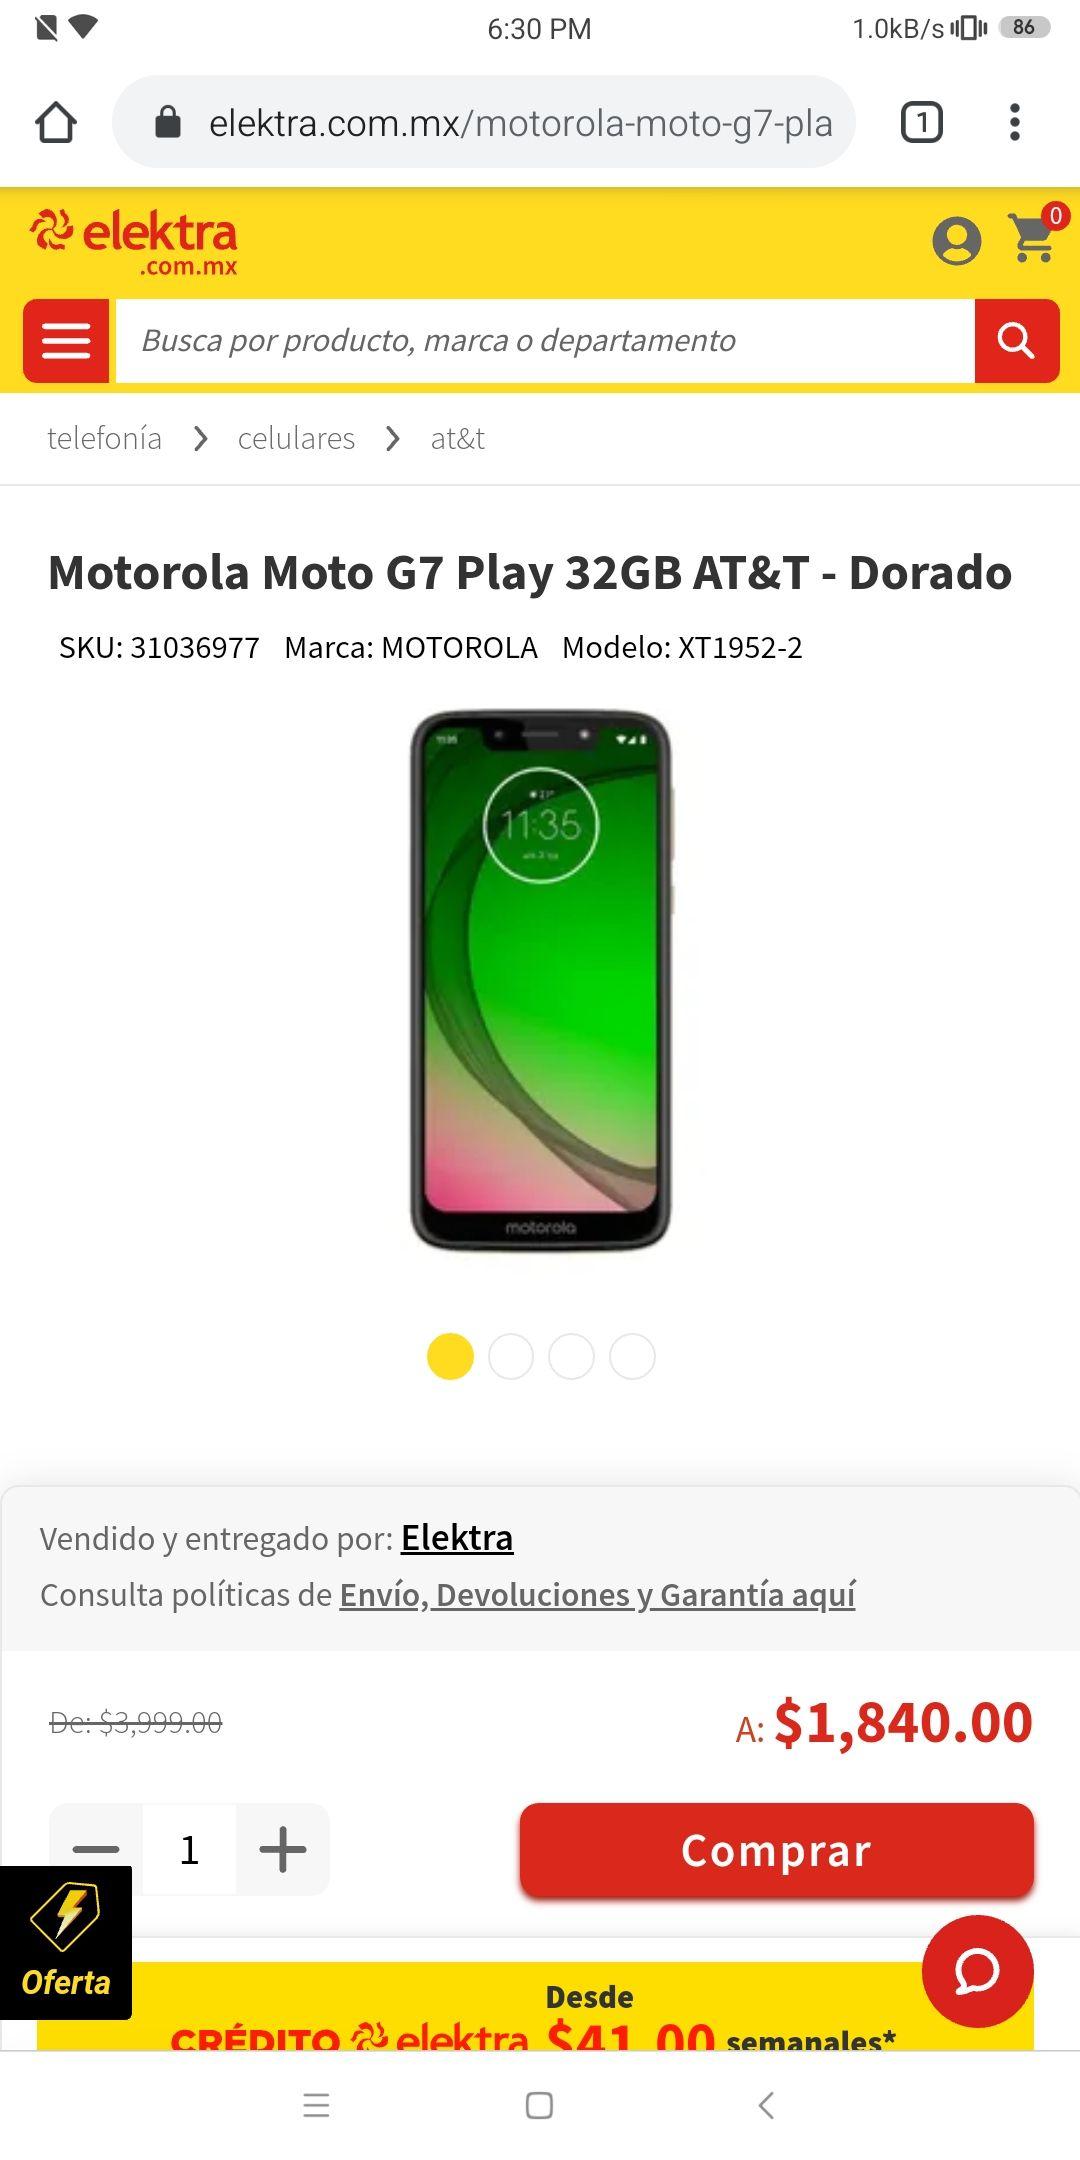 Elektra: Moto G7 Play, Versión 2/32 - Color Dorado, AT&T